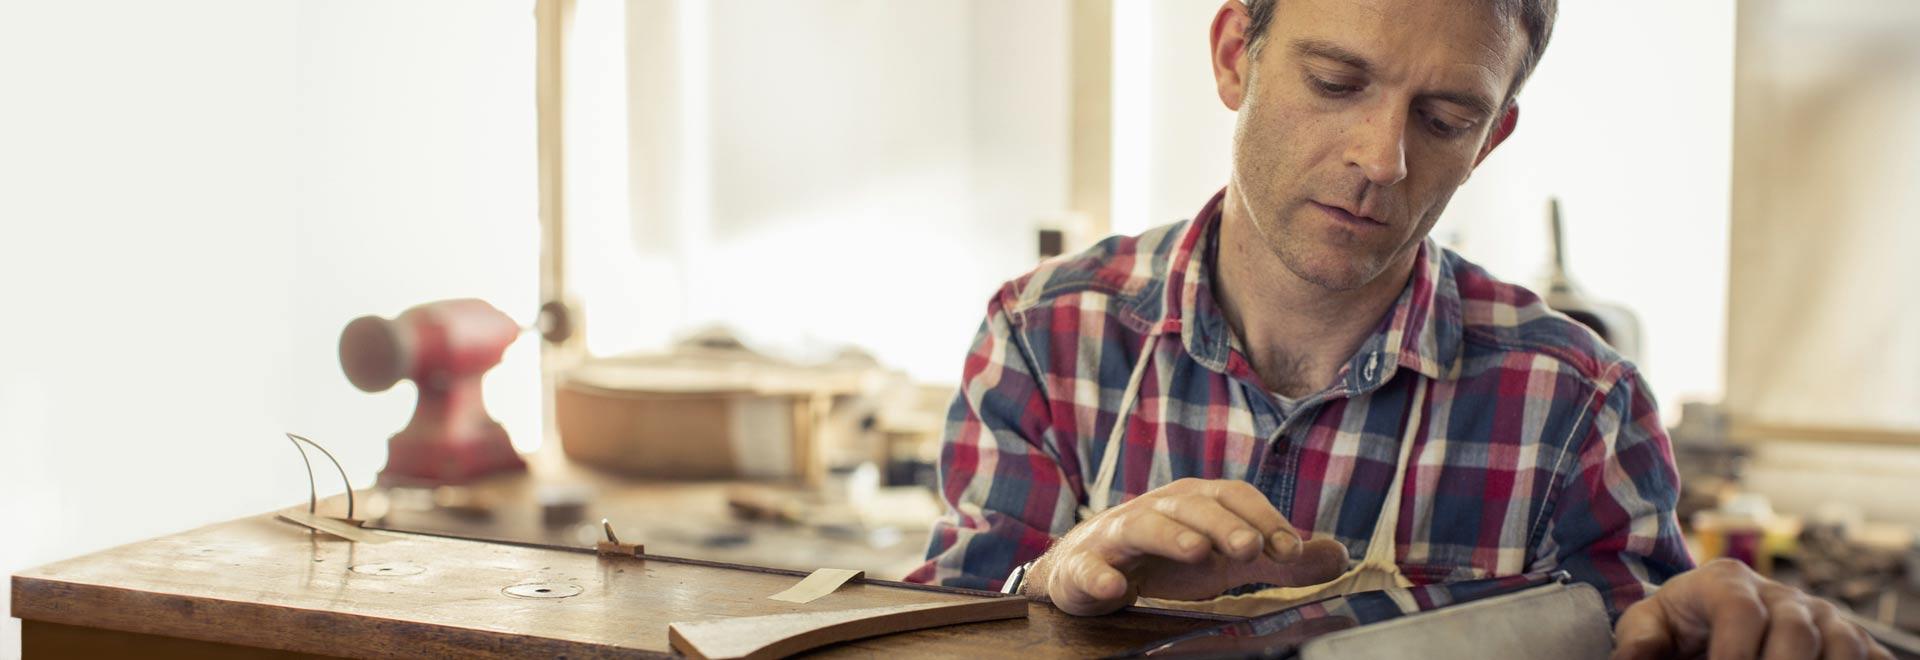 """Vyras seminare, naudojantis """"Office 365 Business"""" planšetiniame kompiuteryje."""